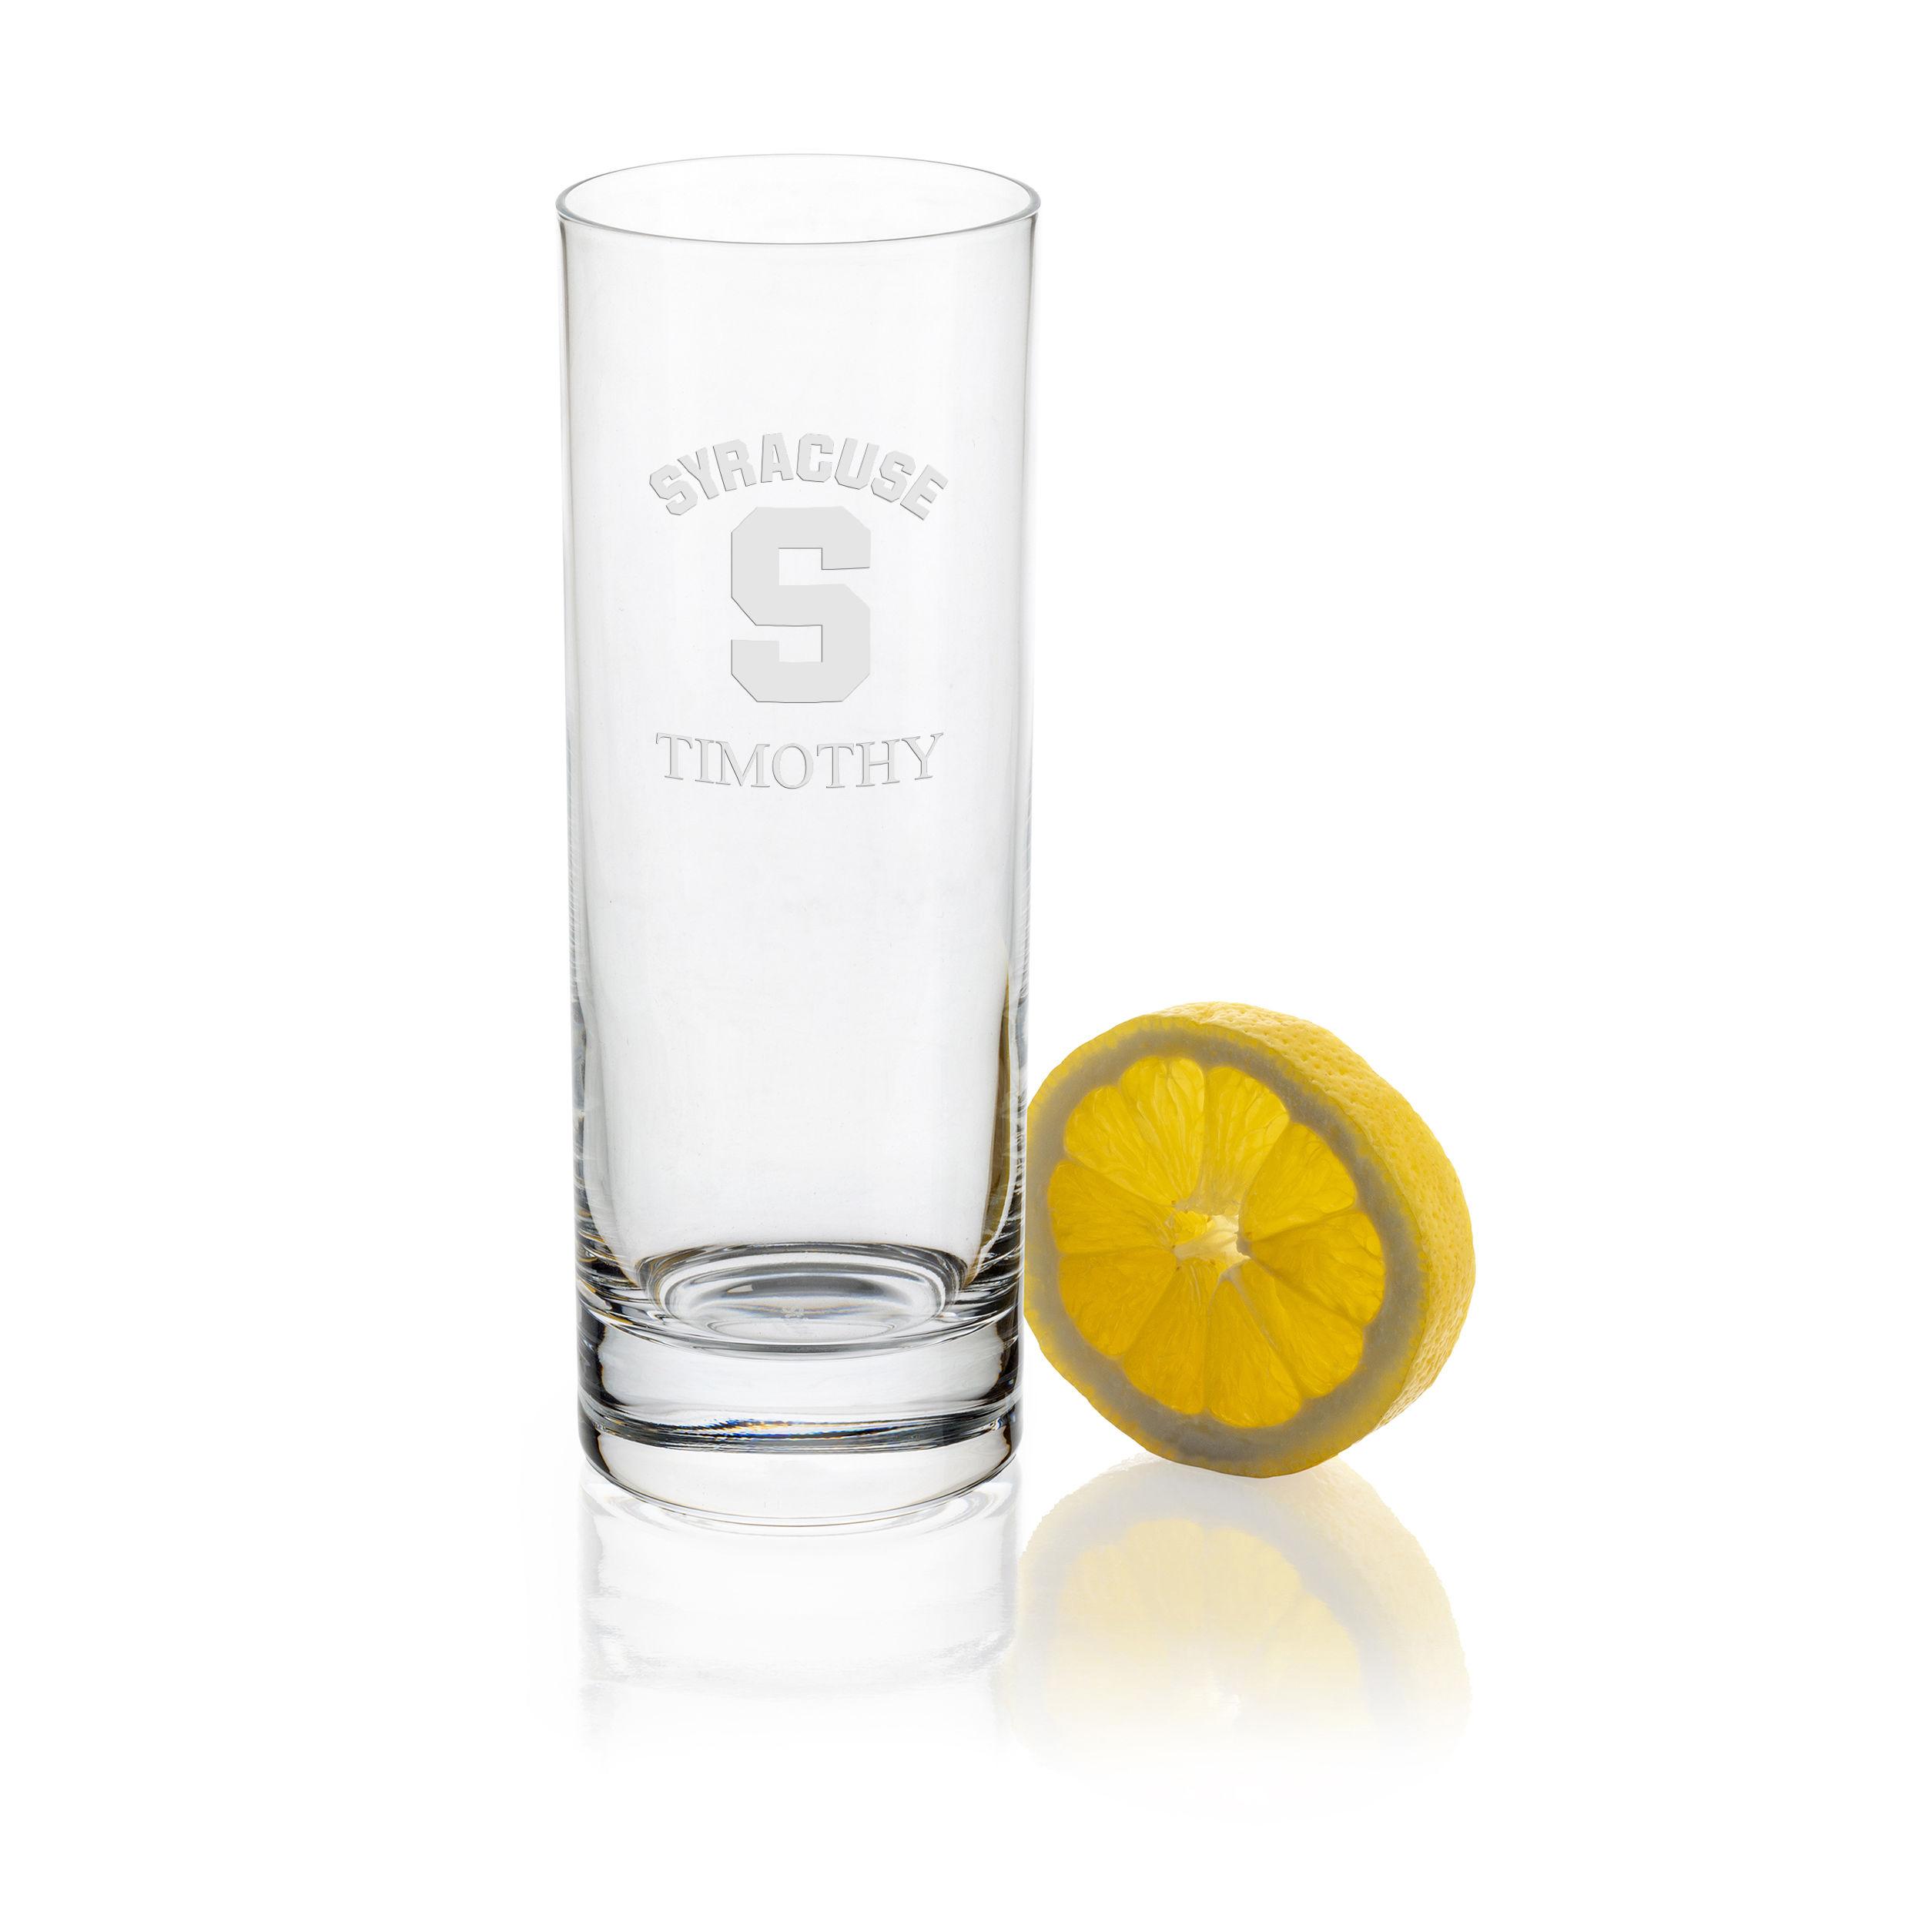 Syracuse University Iced Beverage Glasses - Set of 4